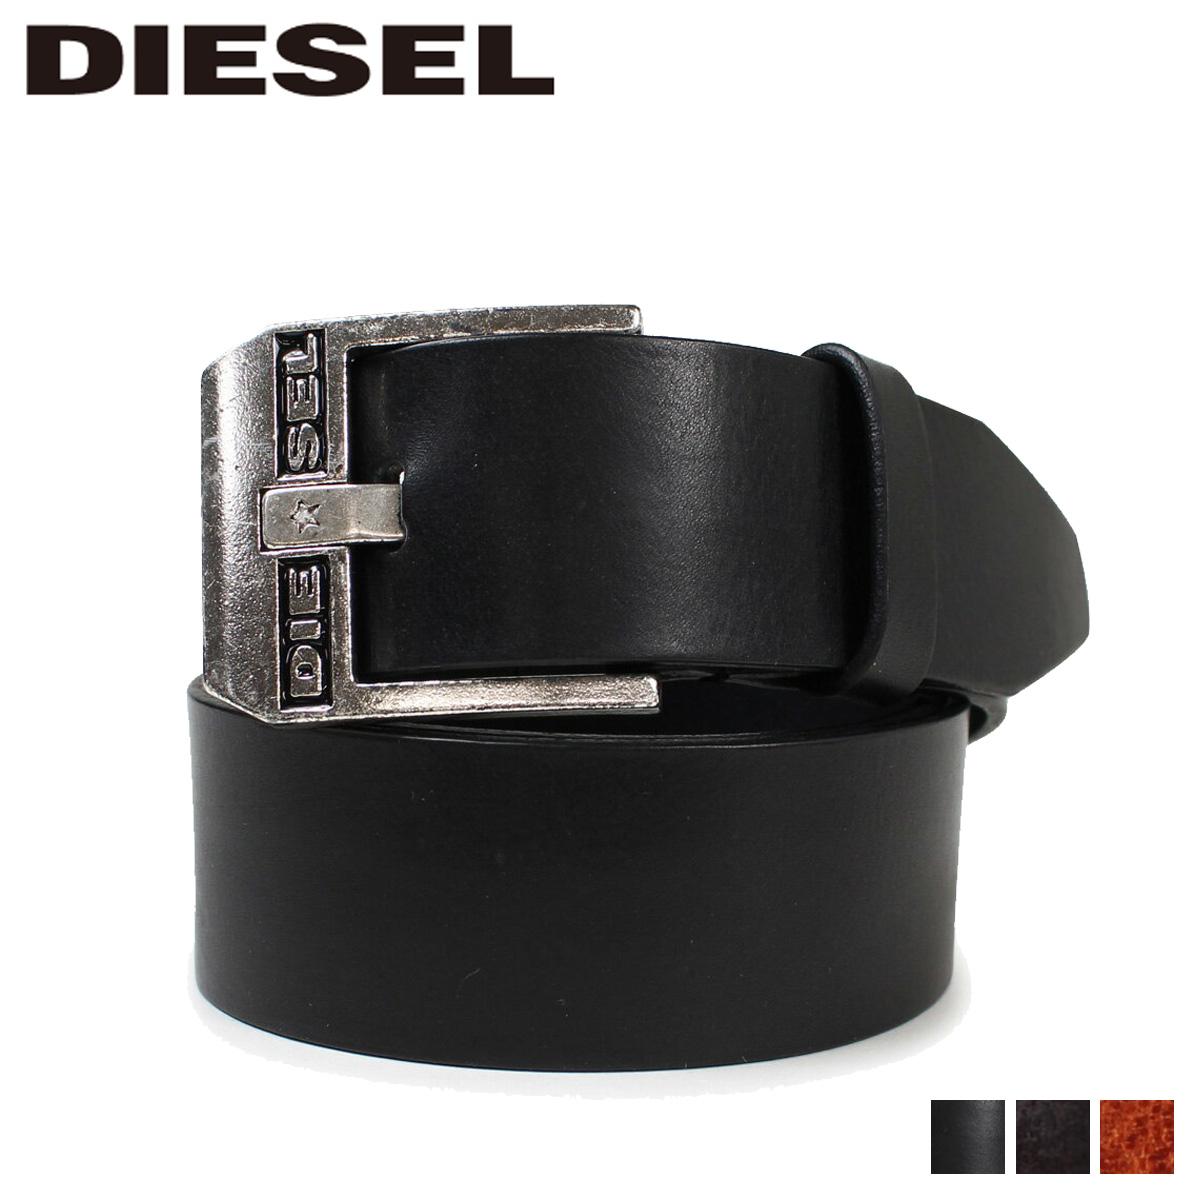 ディーゼル DIESEL ベルト メンズ レザー 本革 牛革 カジュアル BLUESTAR ブラック ブラウン X03728 PR227